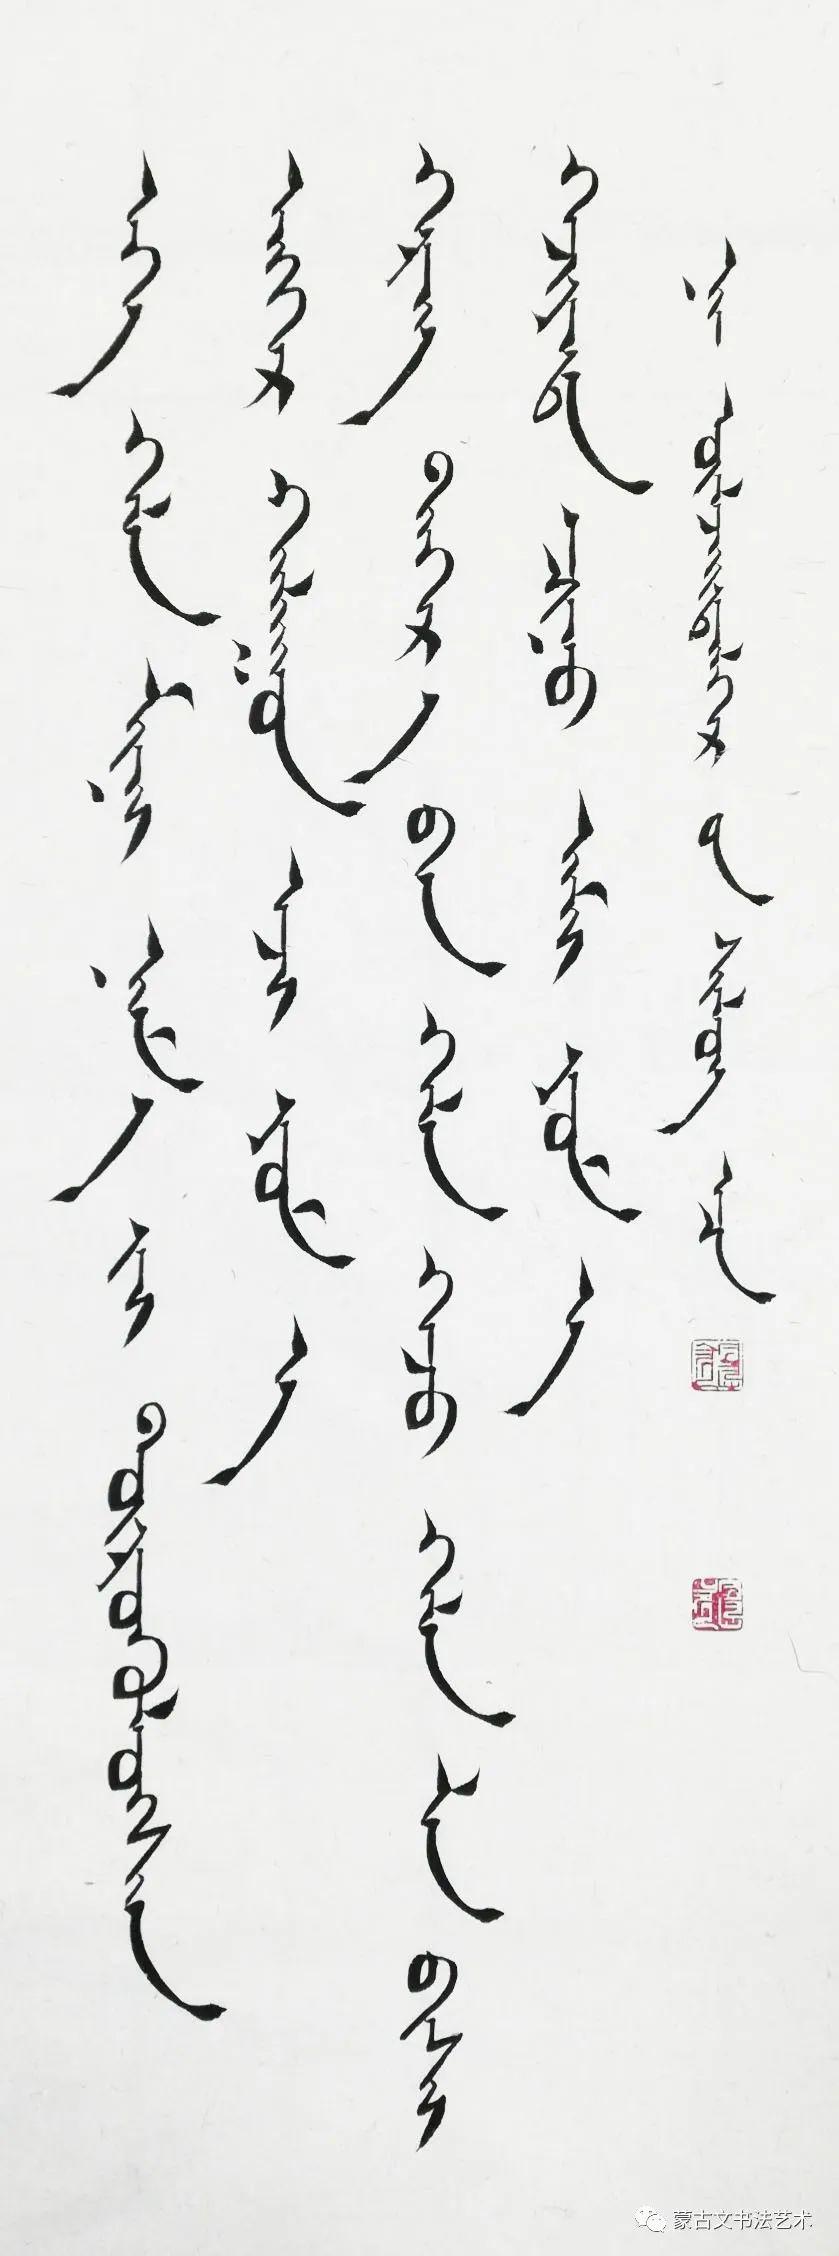 赛音吉雅蒙古文书法楷书作品 第6张